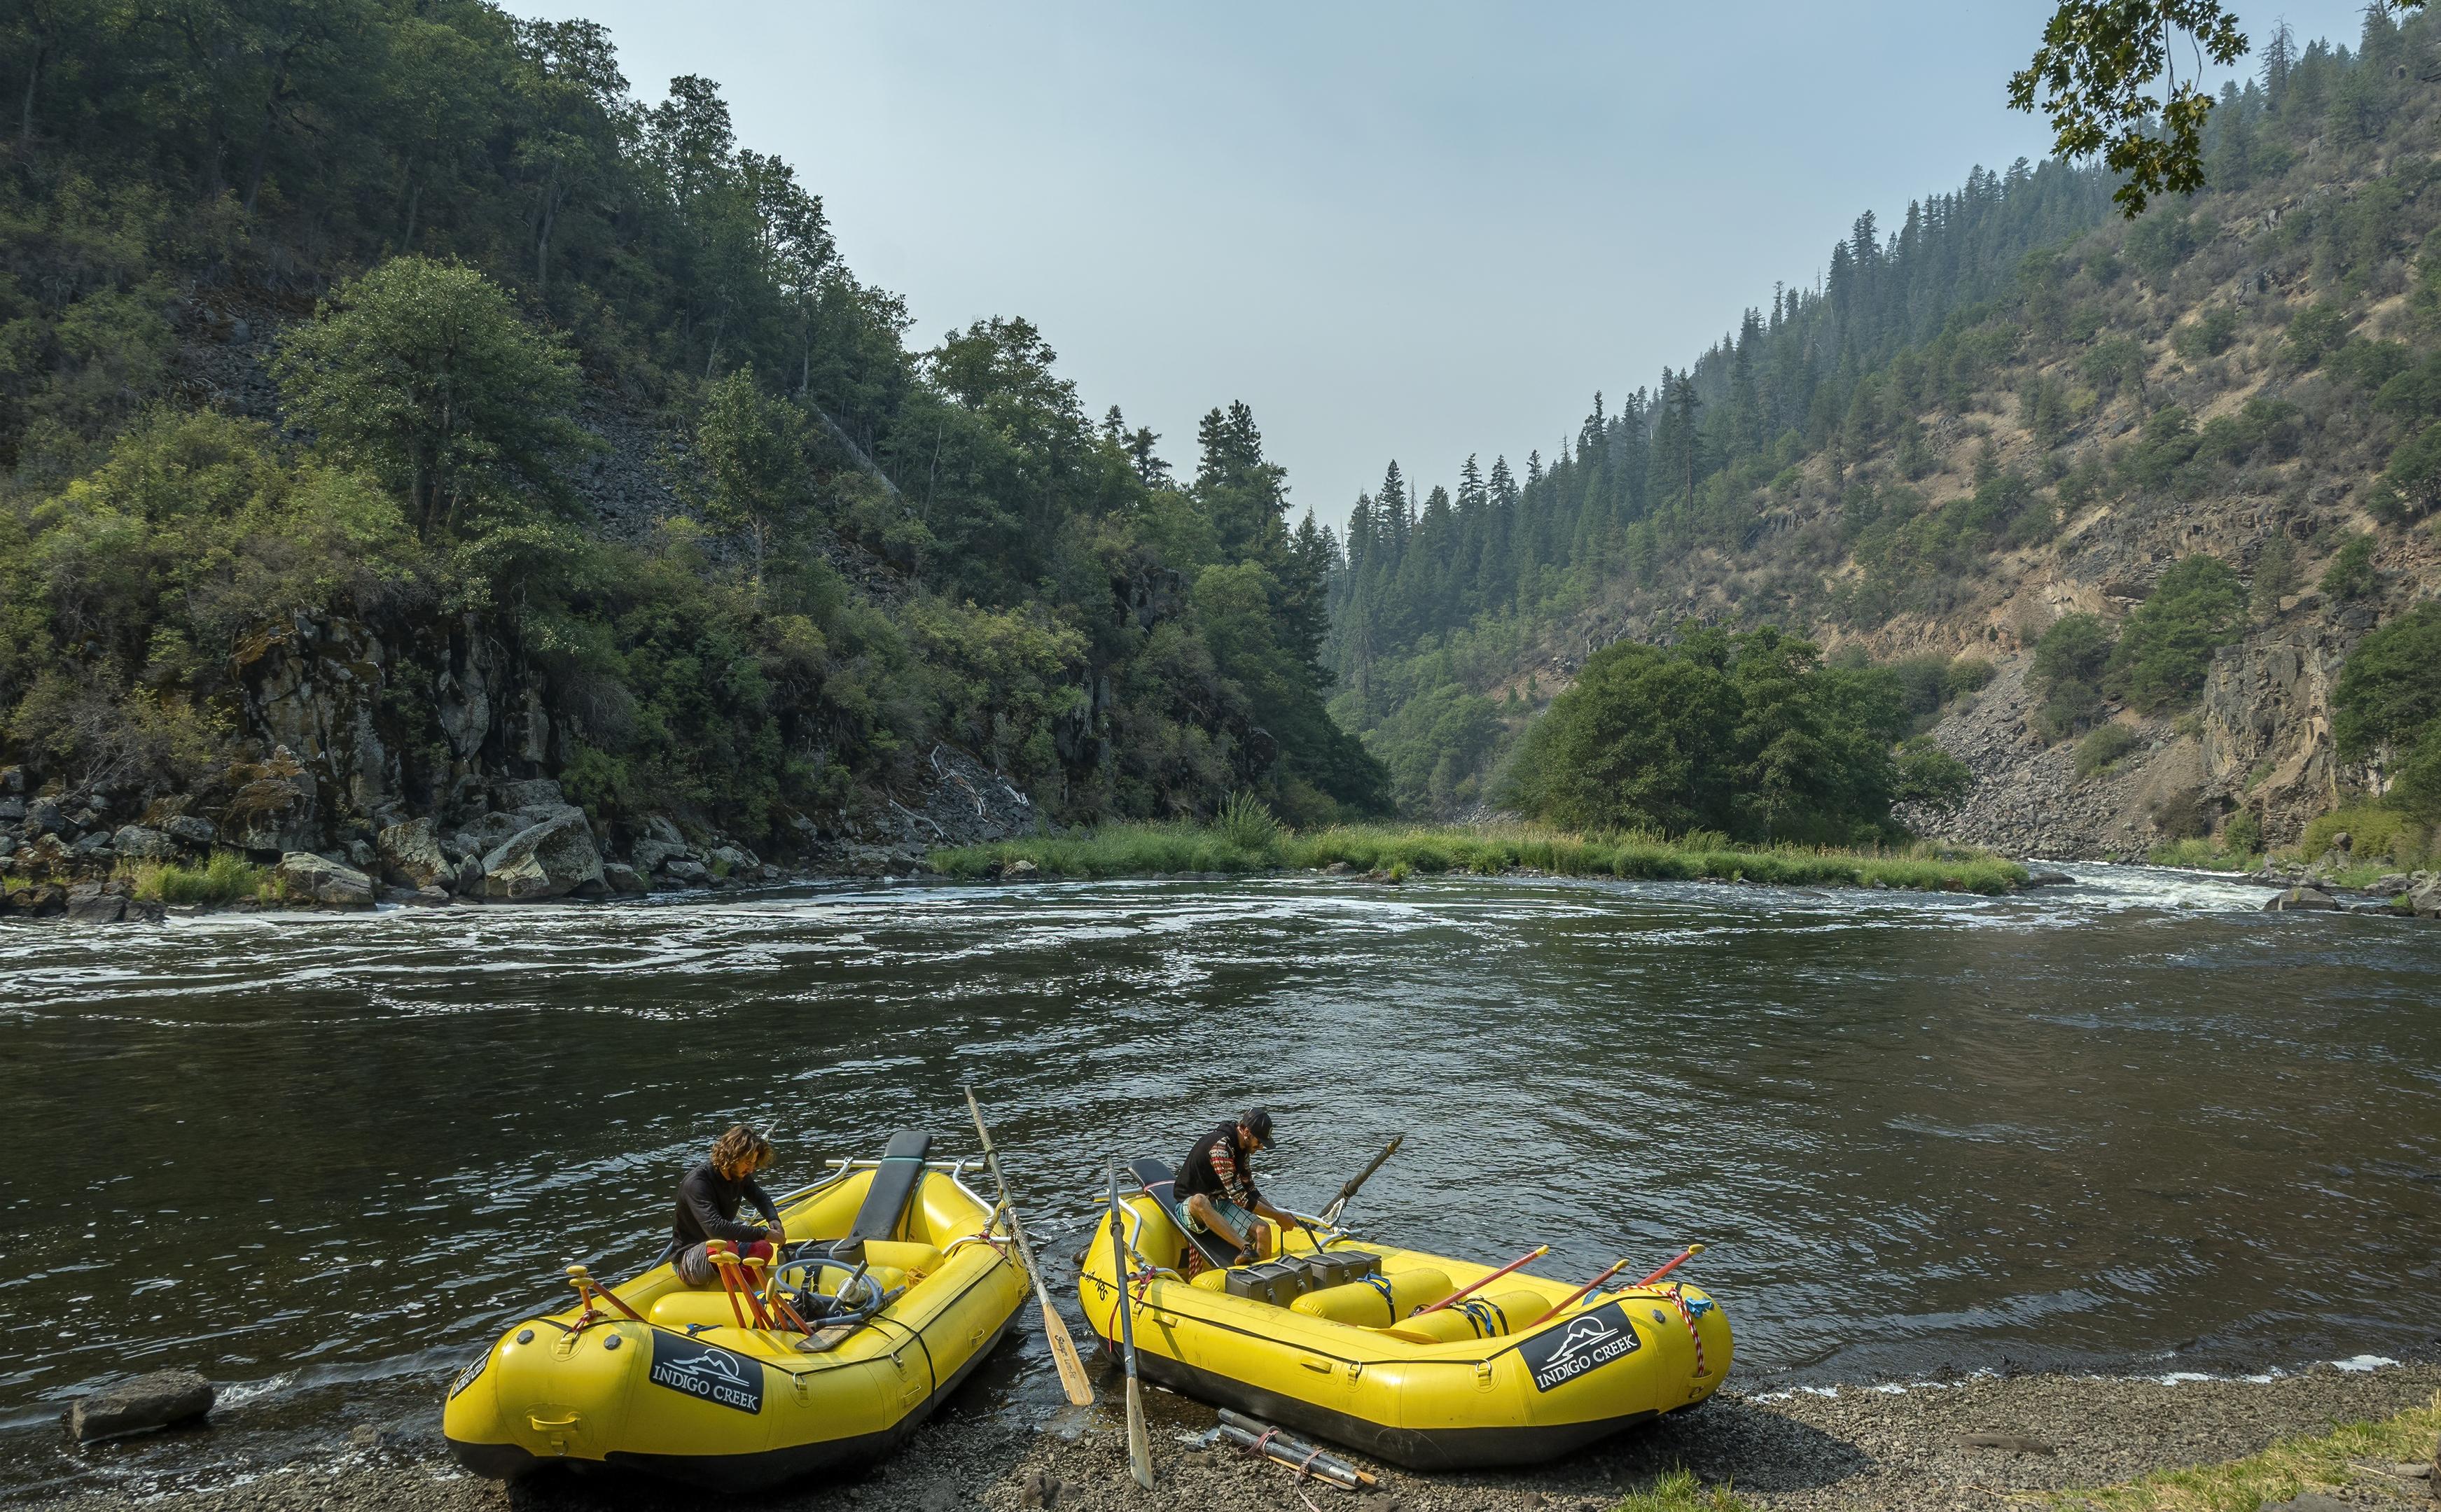 upper klamath river indigo creek daniel ian topaz denoise ai-standard